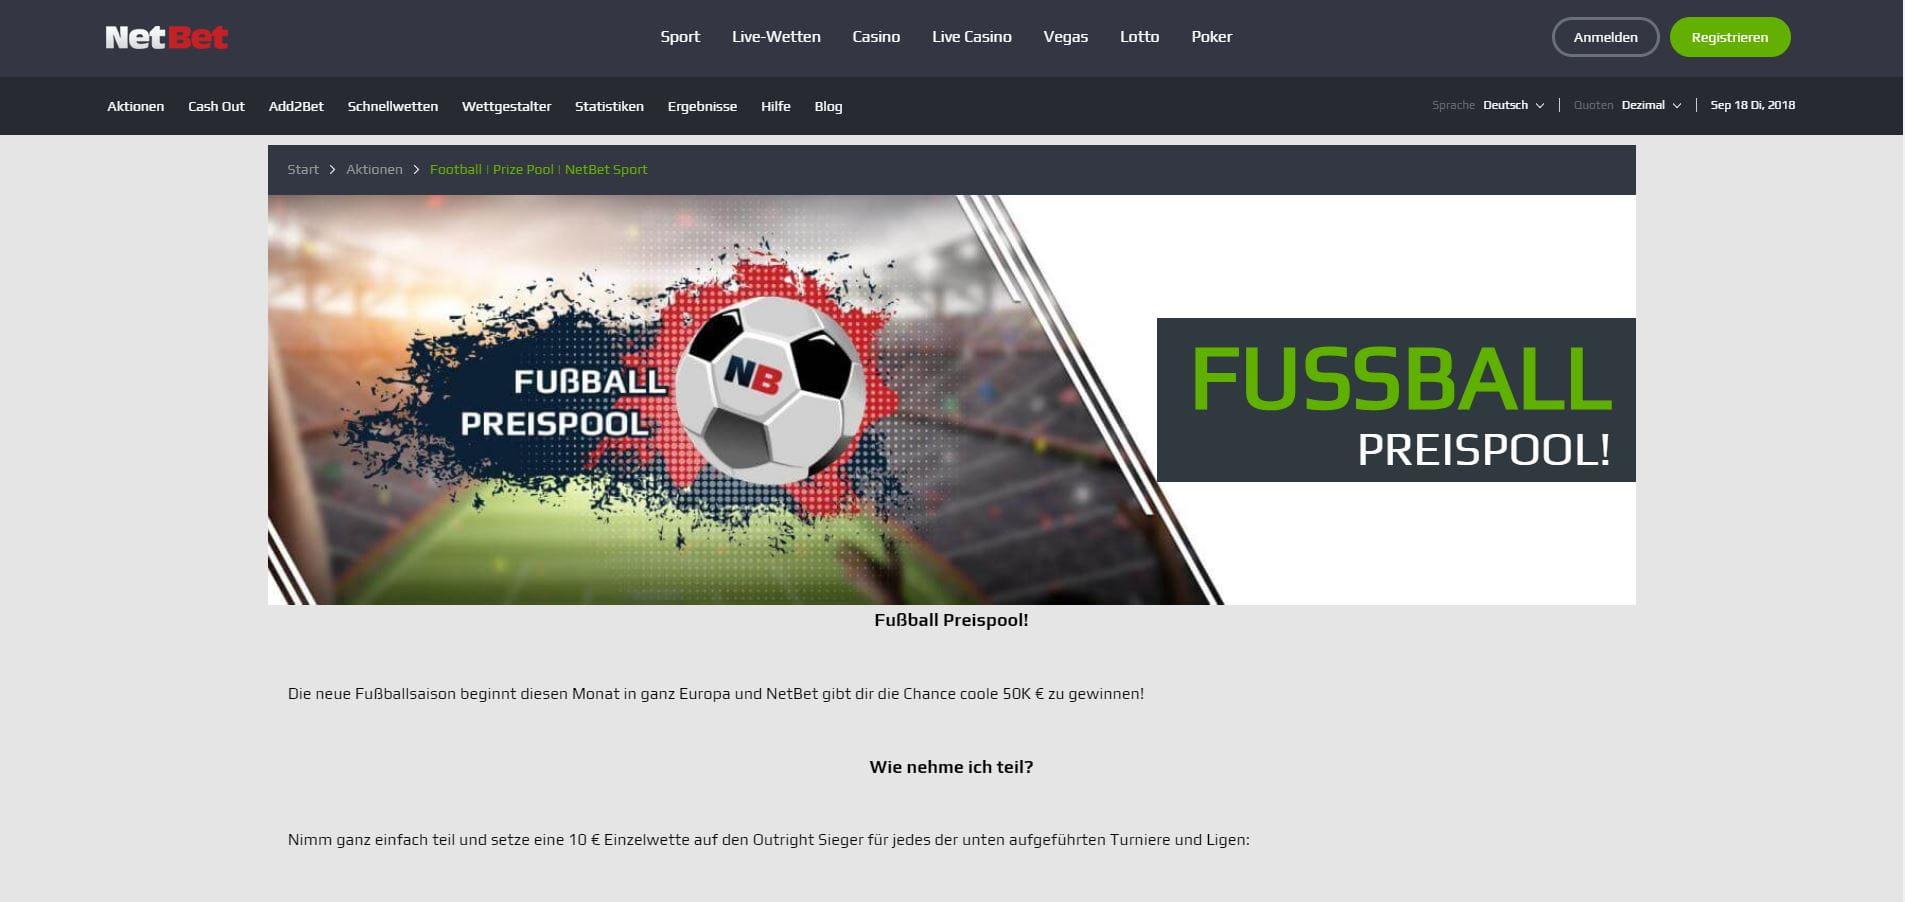 Schweiz online Glücksspiel - 21447